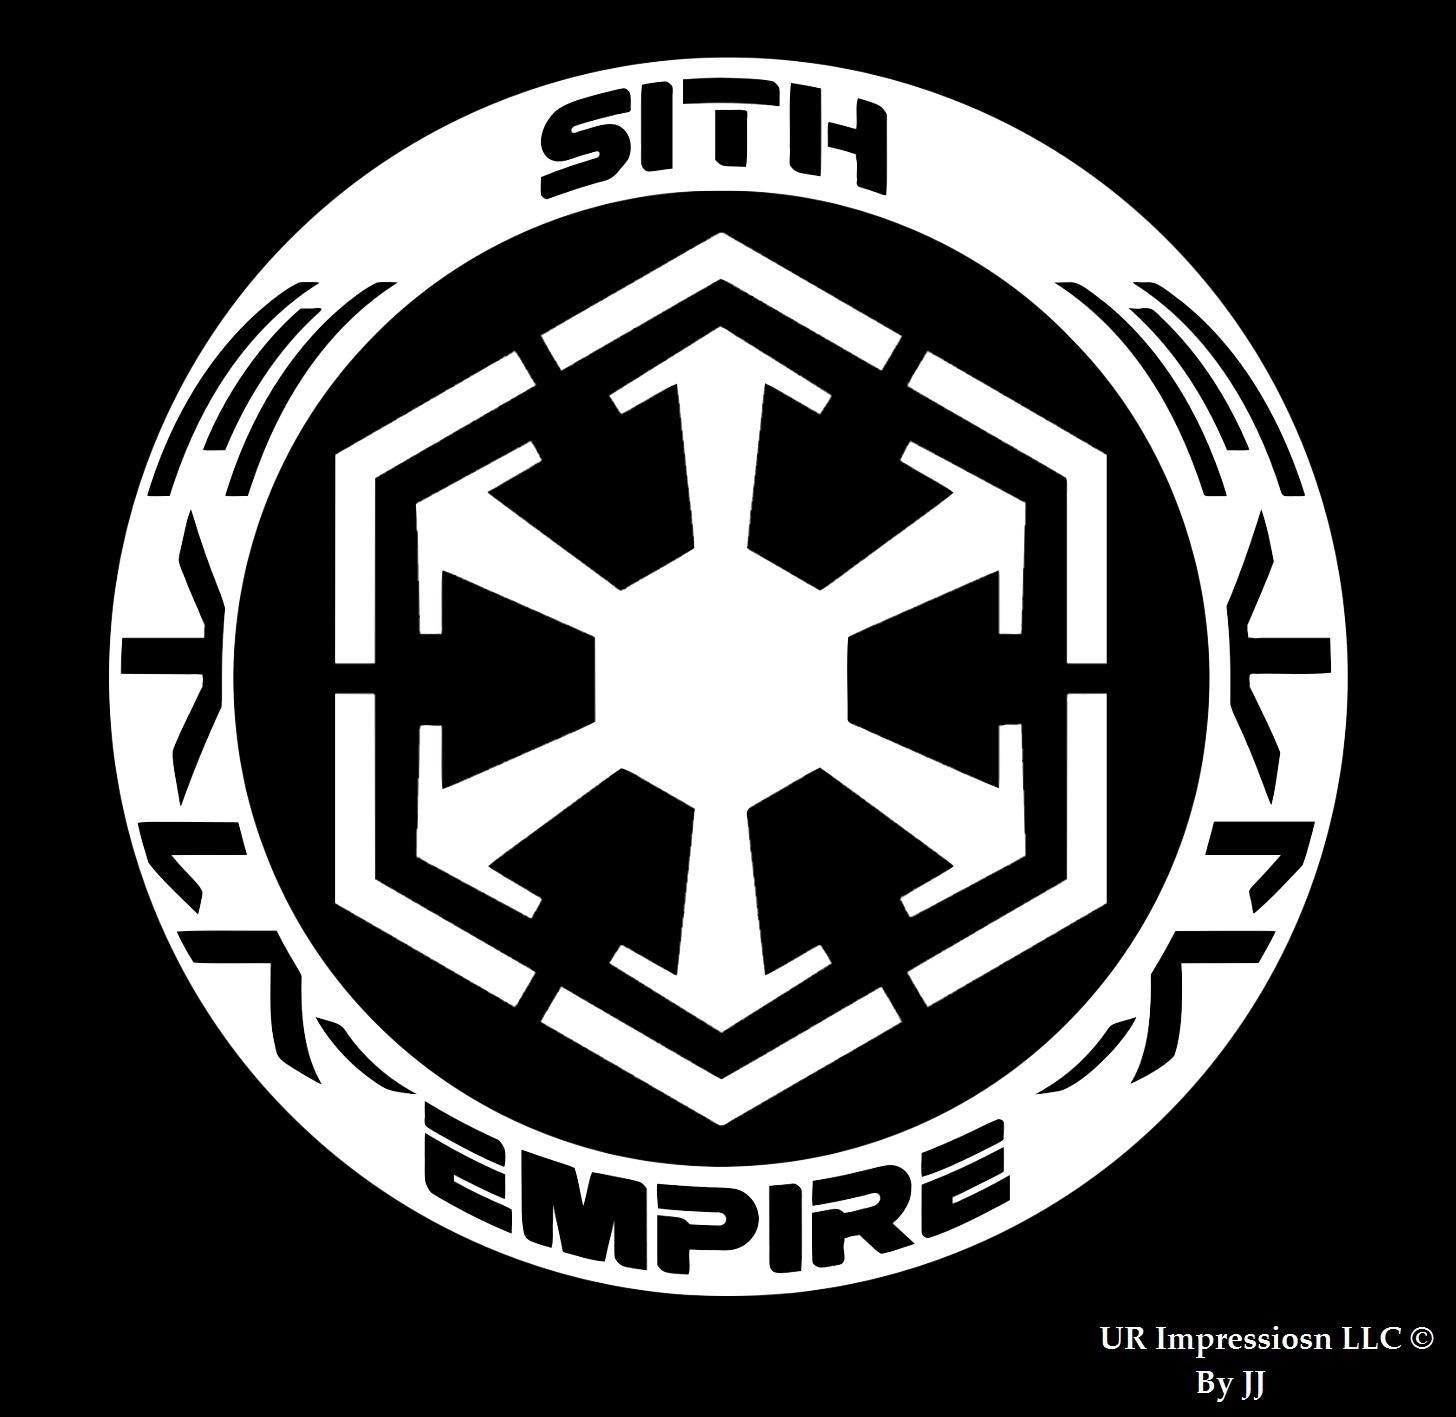 Sith Empire Star Wars Inspired Decal Vinyl Sticker Graphicsur